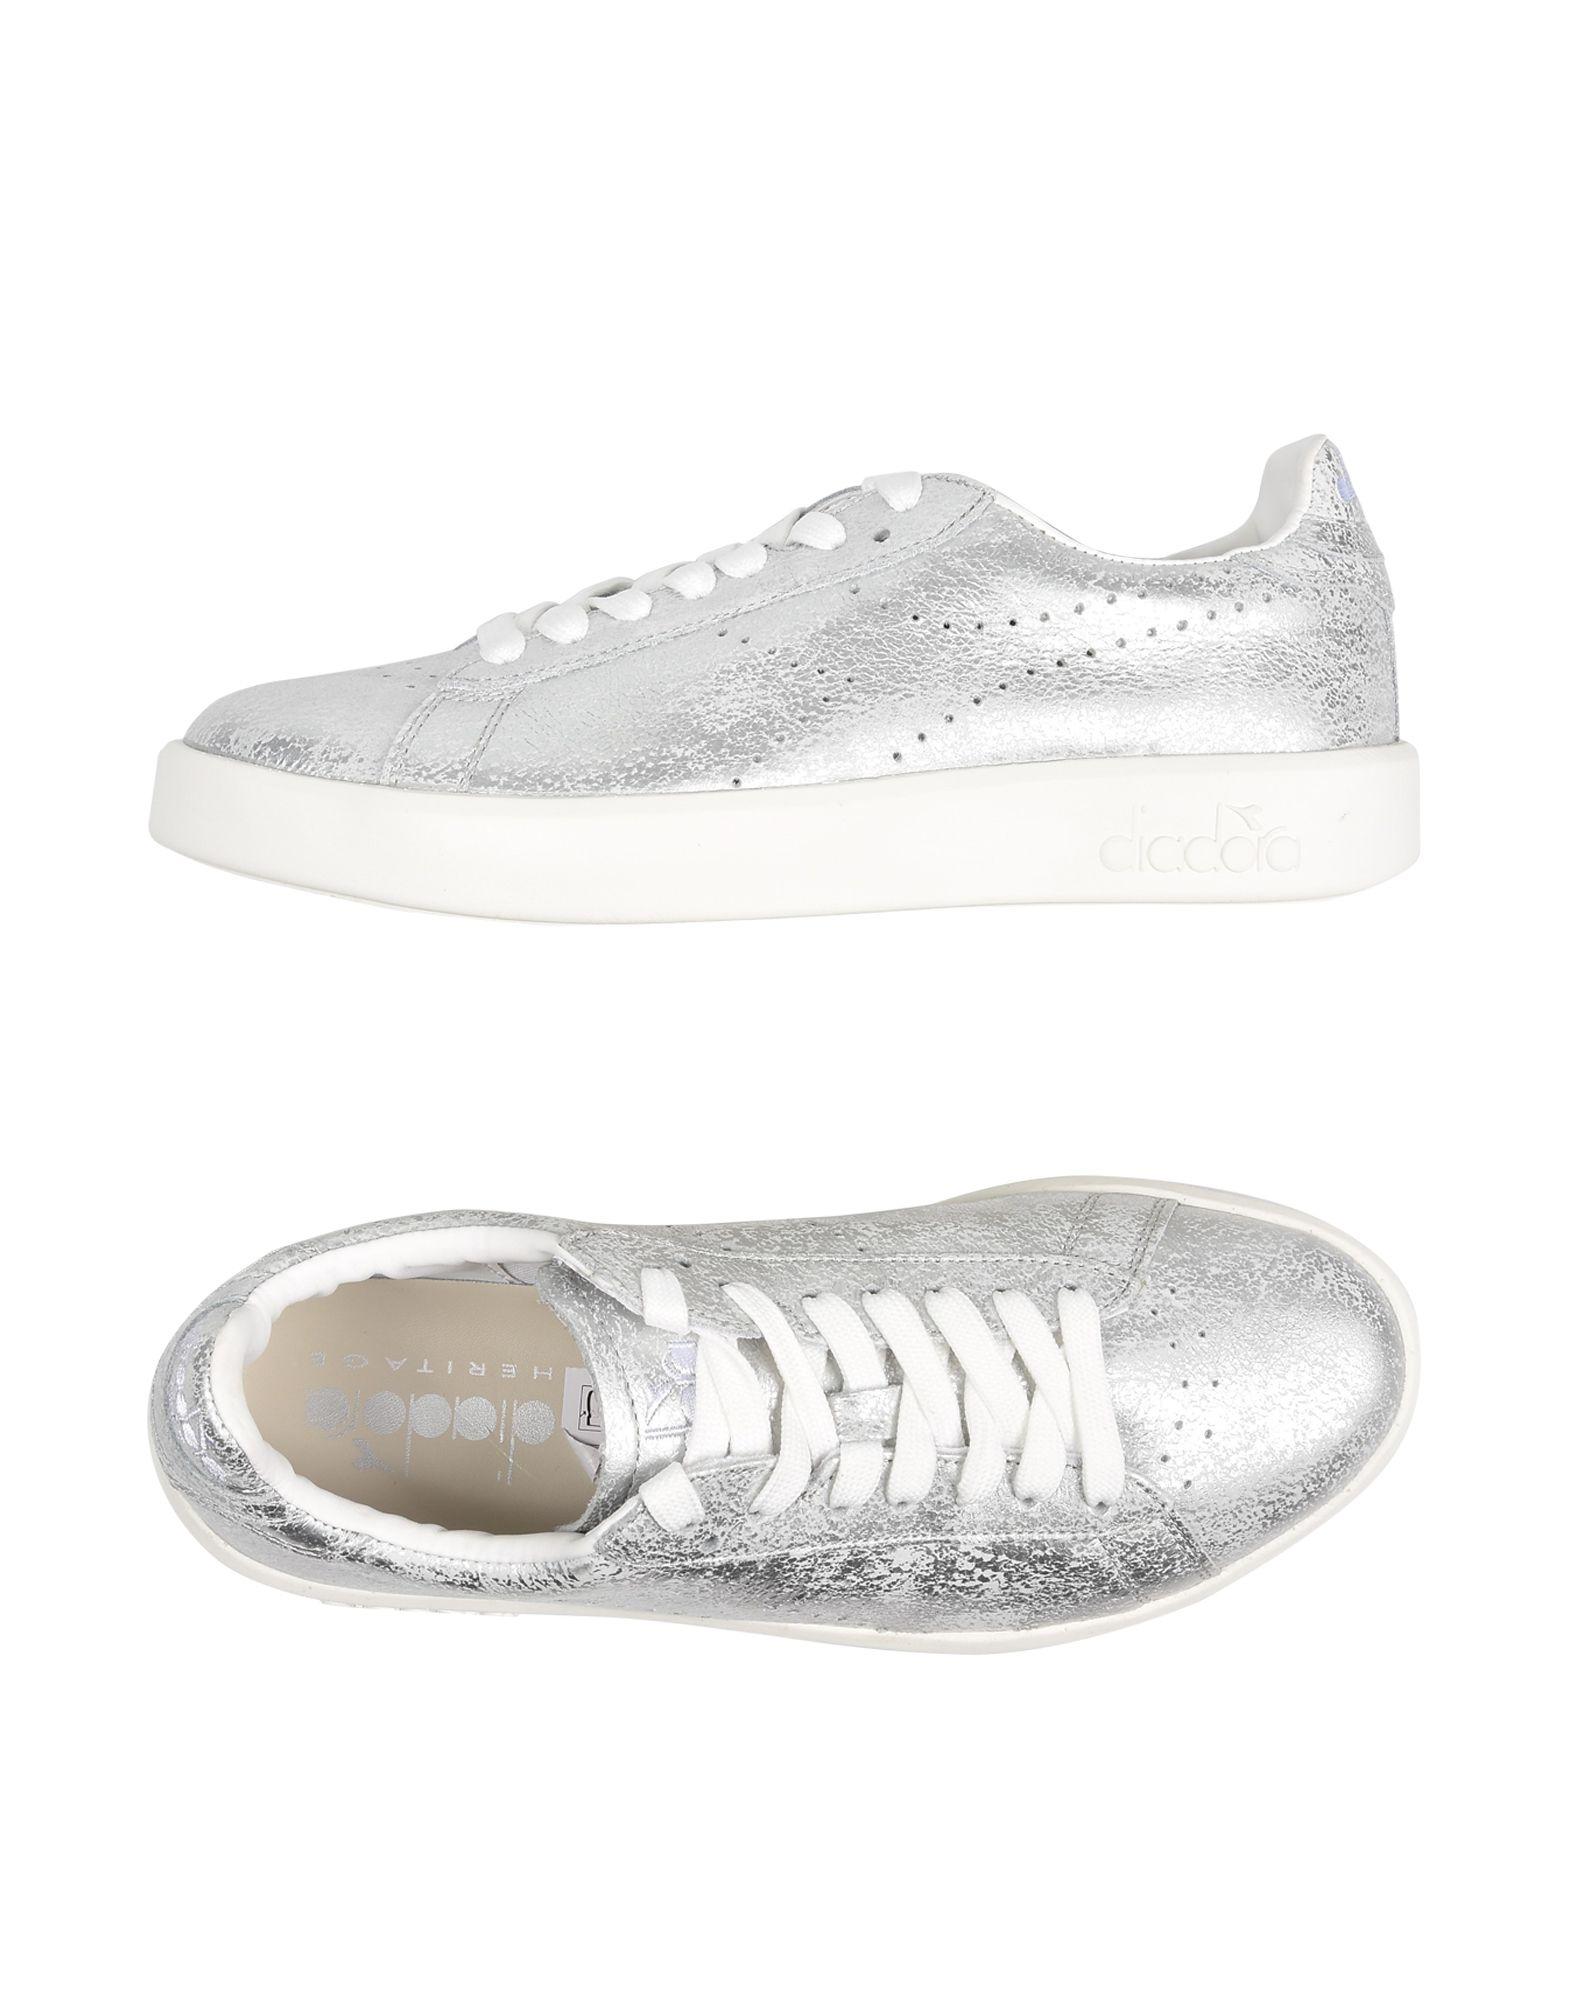 Acquista diadora scarpe donna heritage - OFF30% sconti 183c984c63e